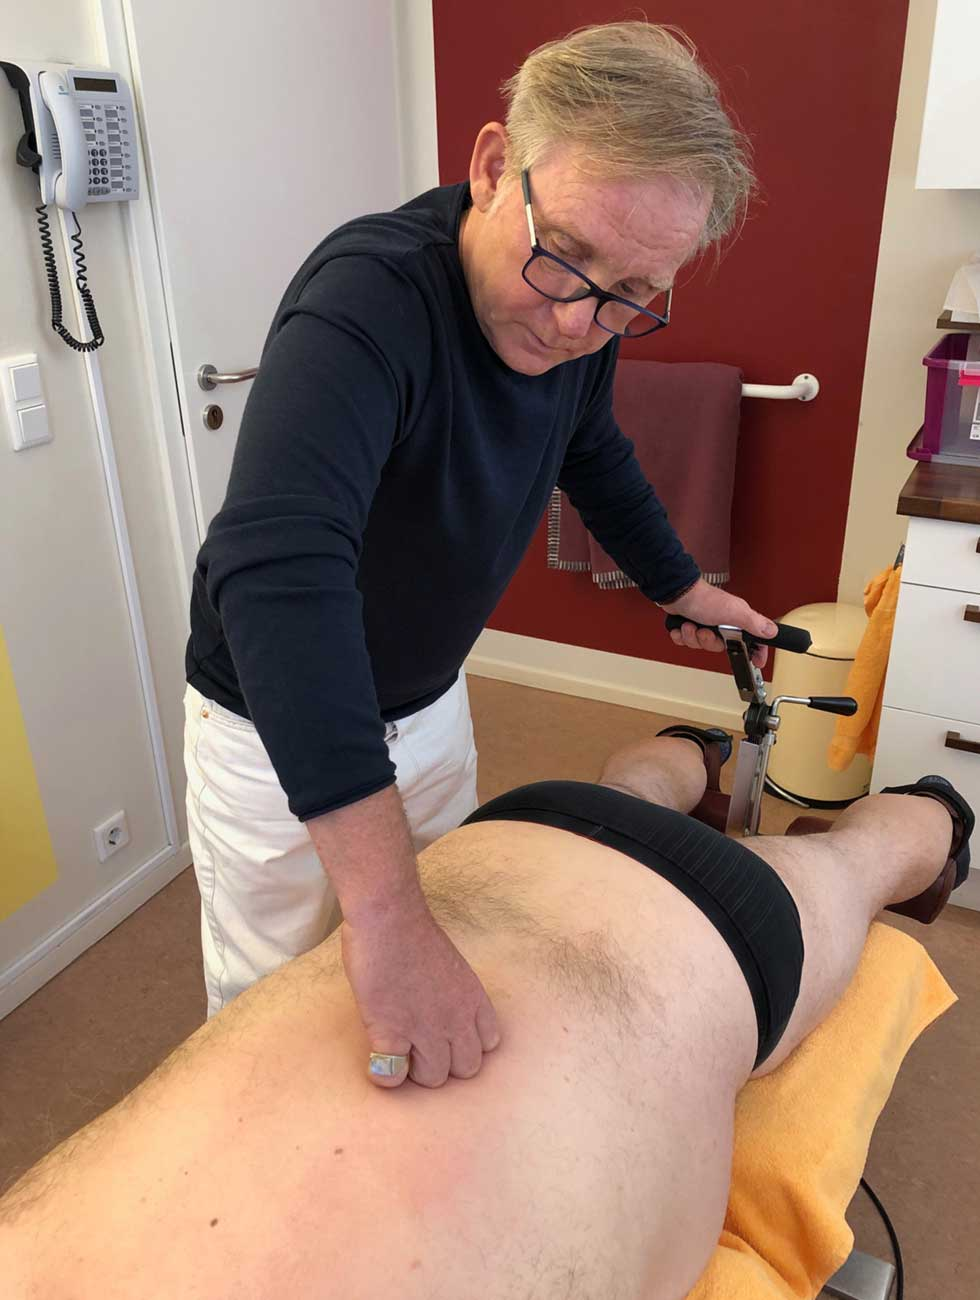 Mobilisationsliege   Mobilisationsliege für Chirotherapie, Bandscheibenvorfall, Rückenschmerzen, Skoliose